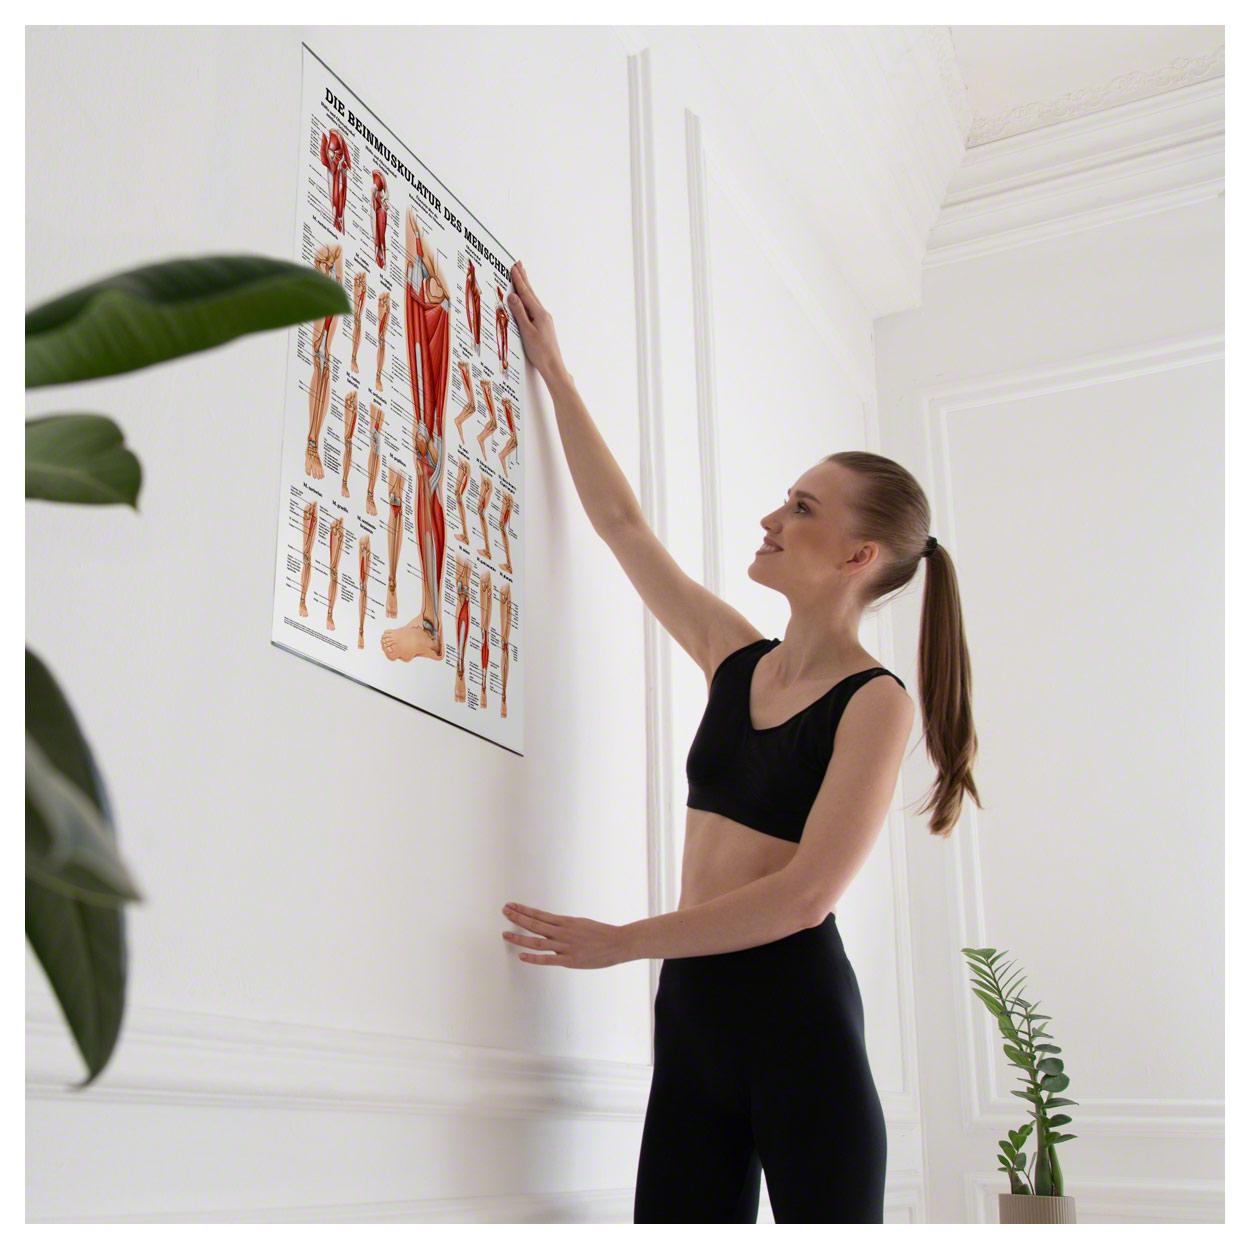 Die Beinmuskulatur Poster Anatomie 70x50 cm medizinische Lehrmittel ...